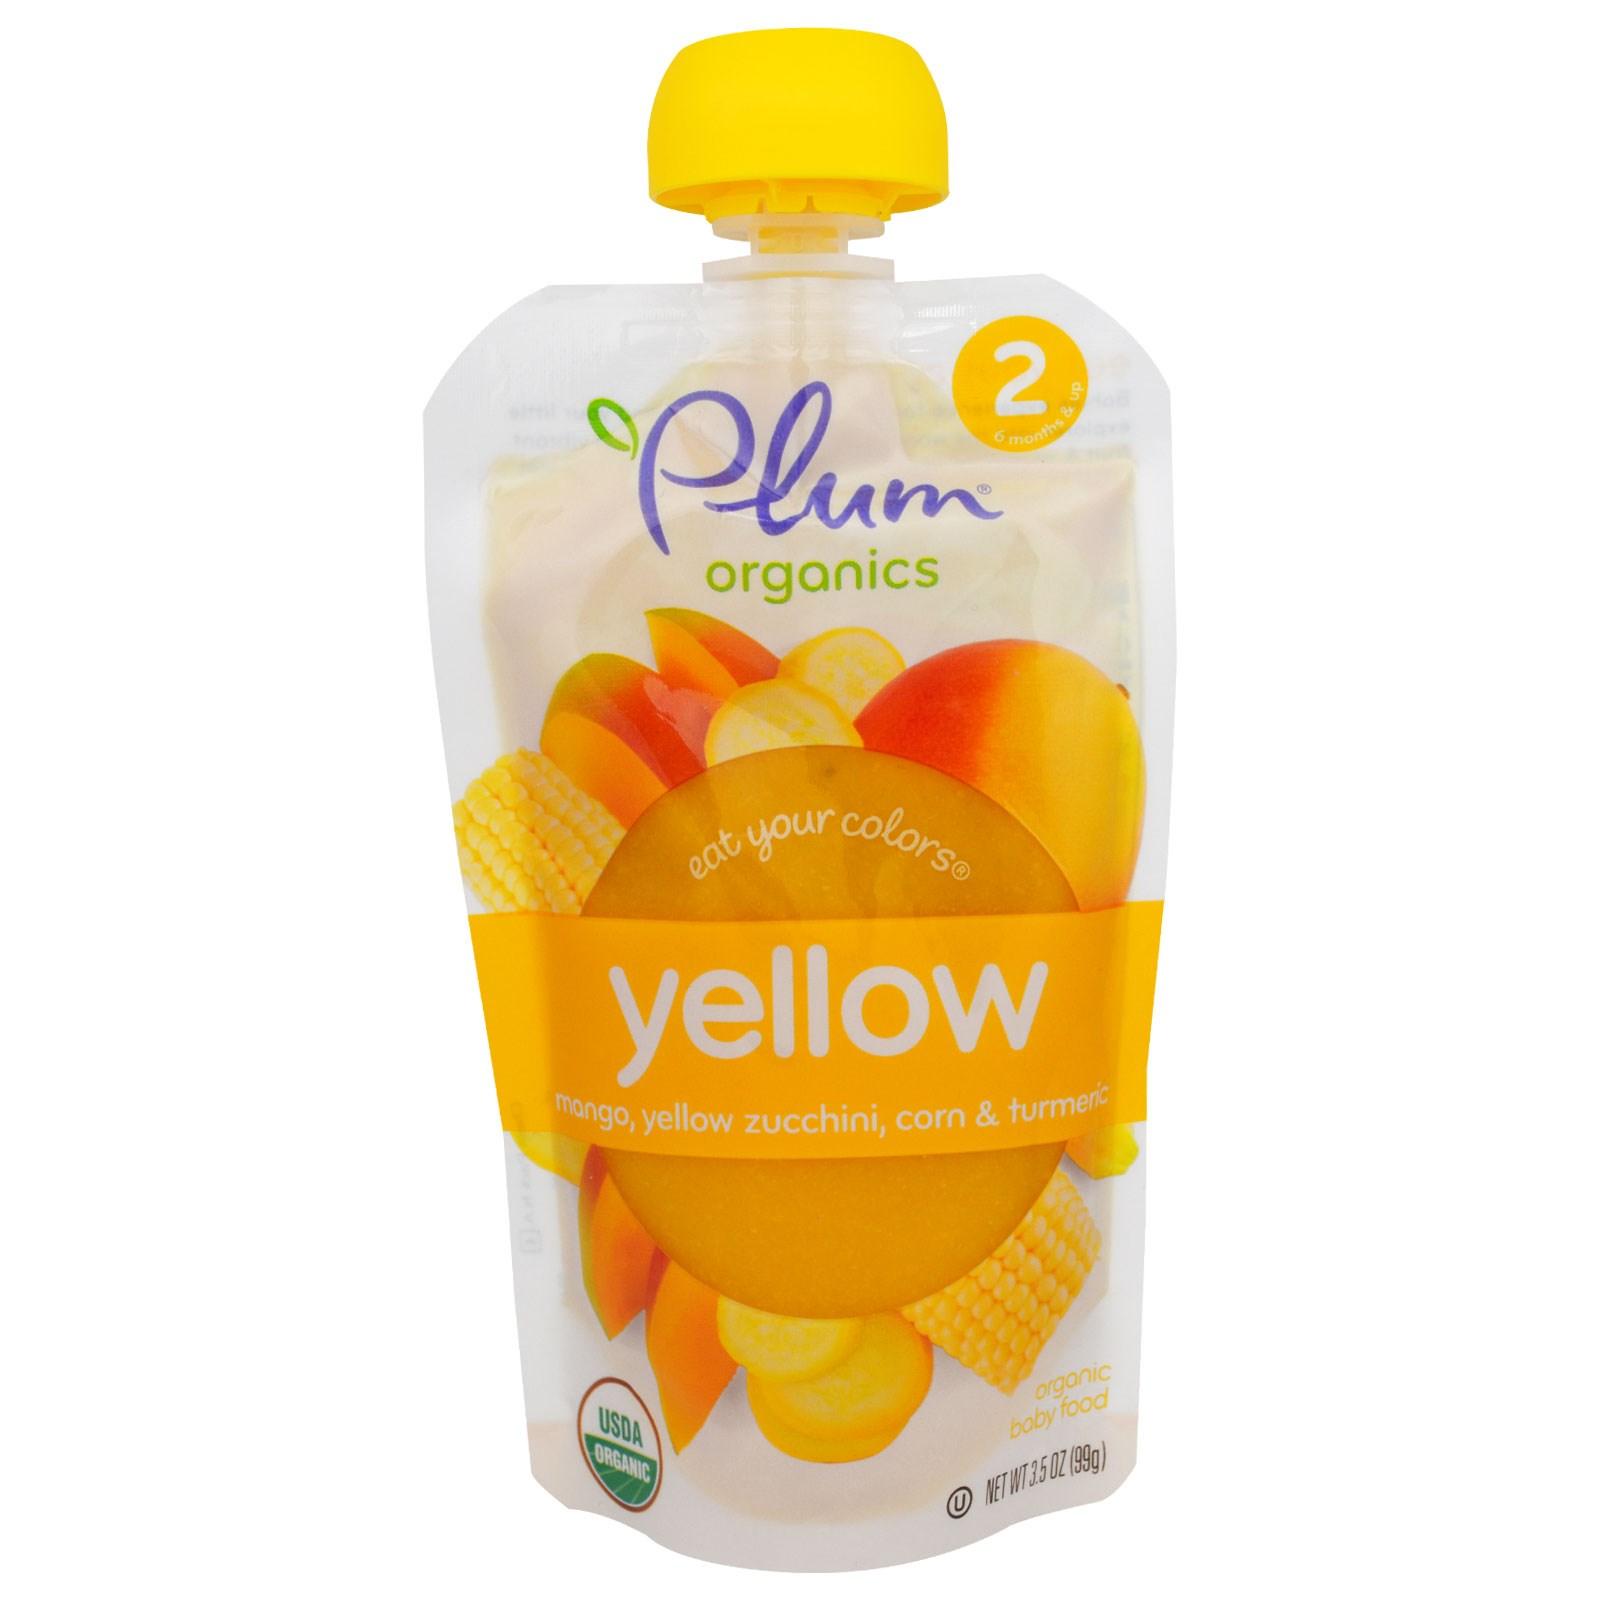 Plum Organics, Ешьте Ваши Цвета: Желтый - Манго, Желтый Цуккини, Кукуруза и Куркума, 3,5 унции (99 г)